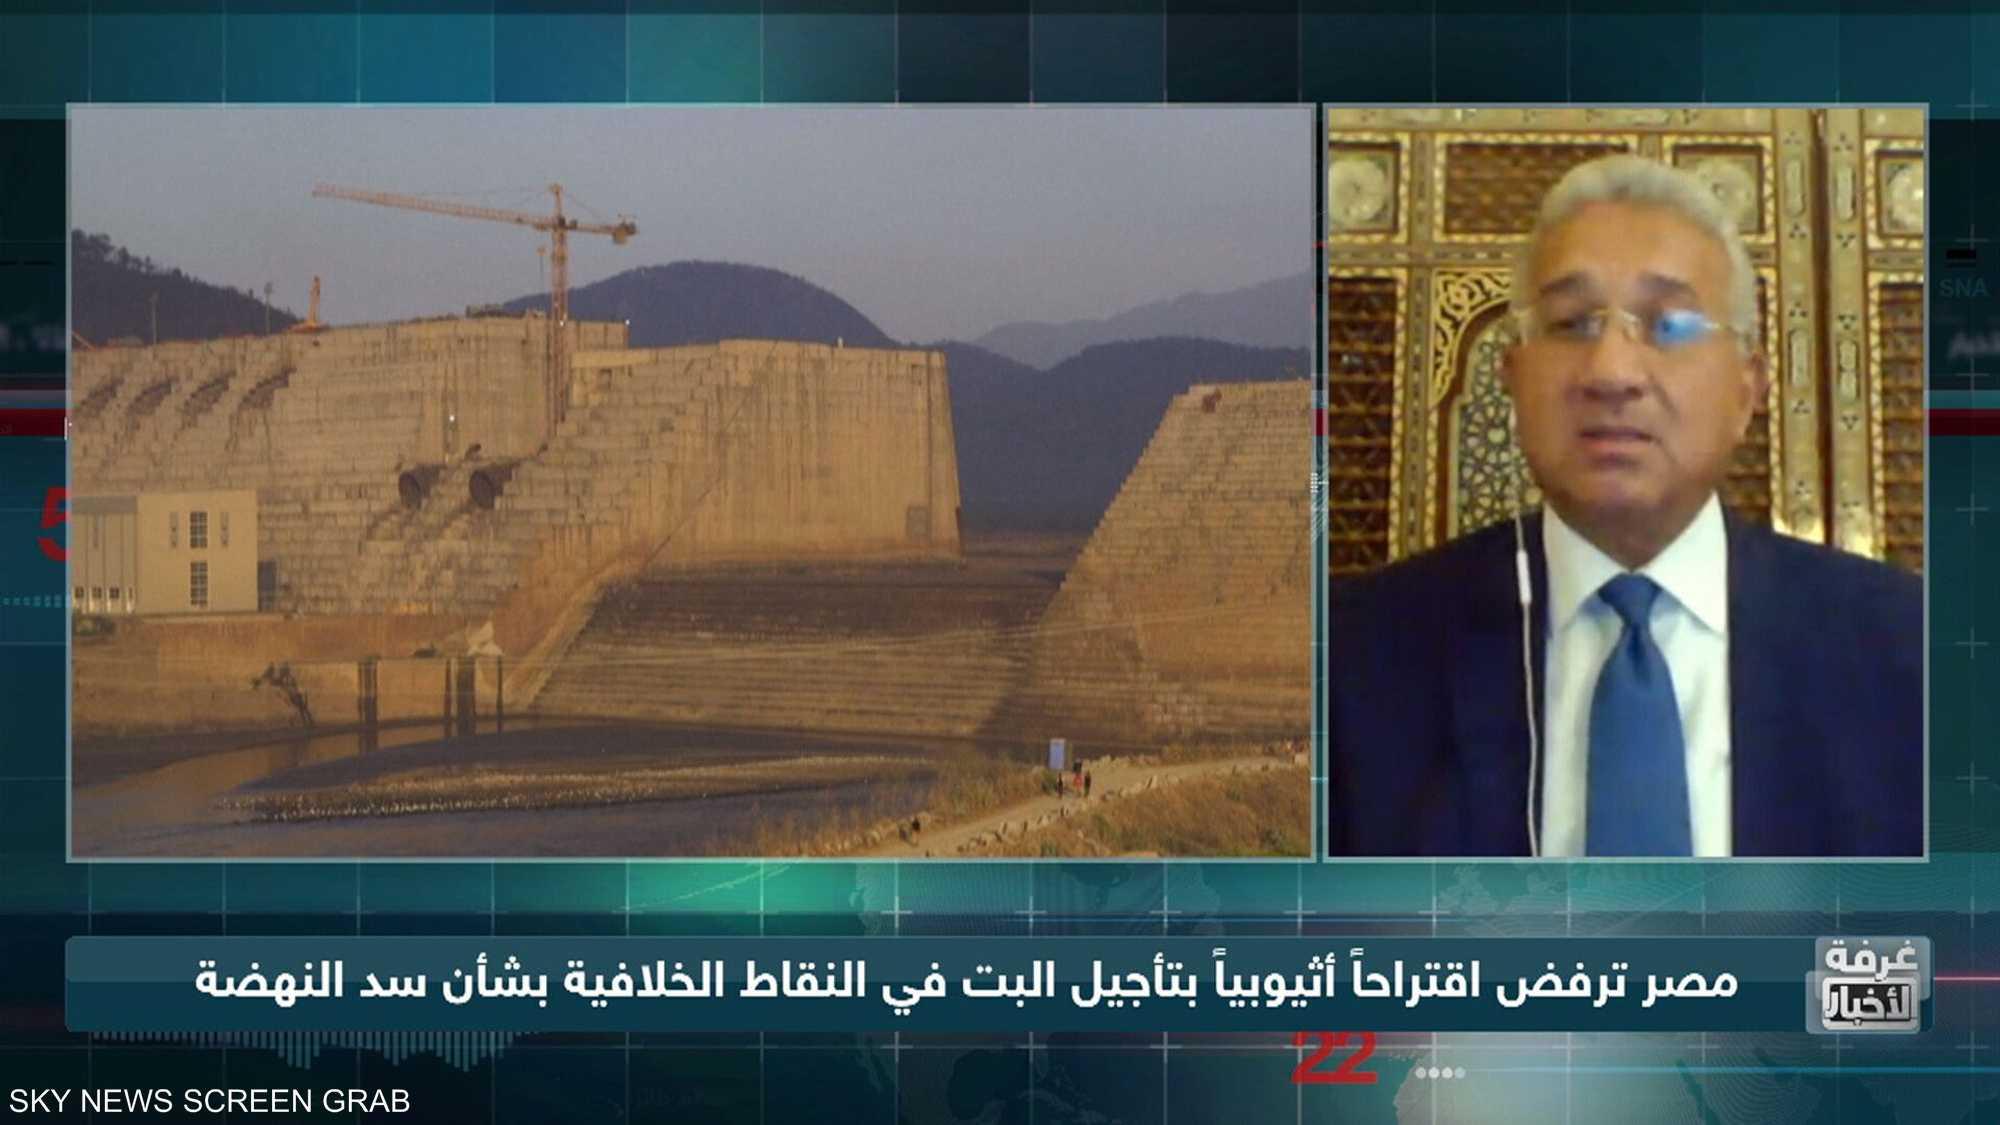 أزمة سد النهضة.. موقف مصري رافض للاقتراح الأثيوبي